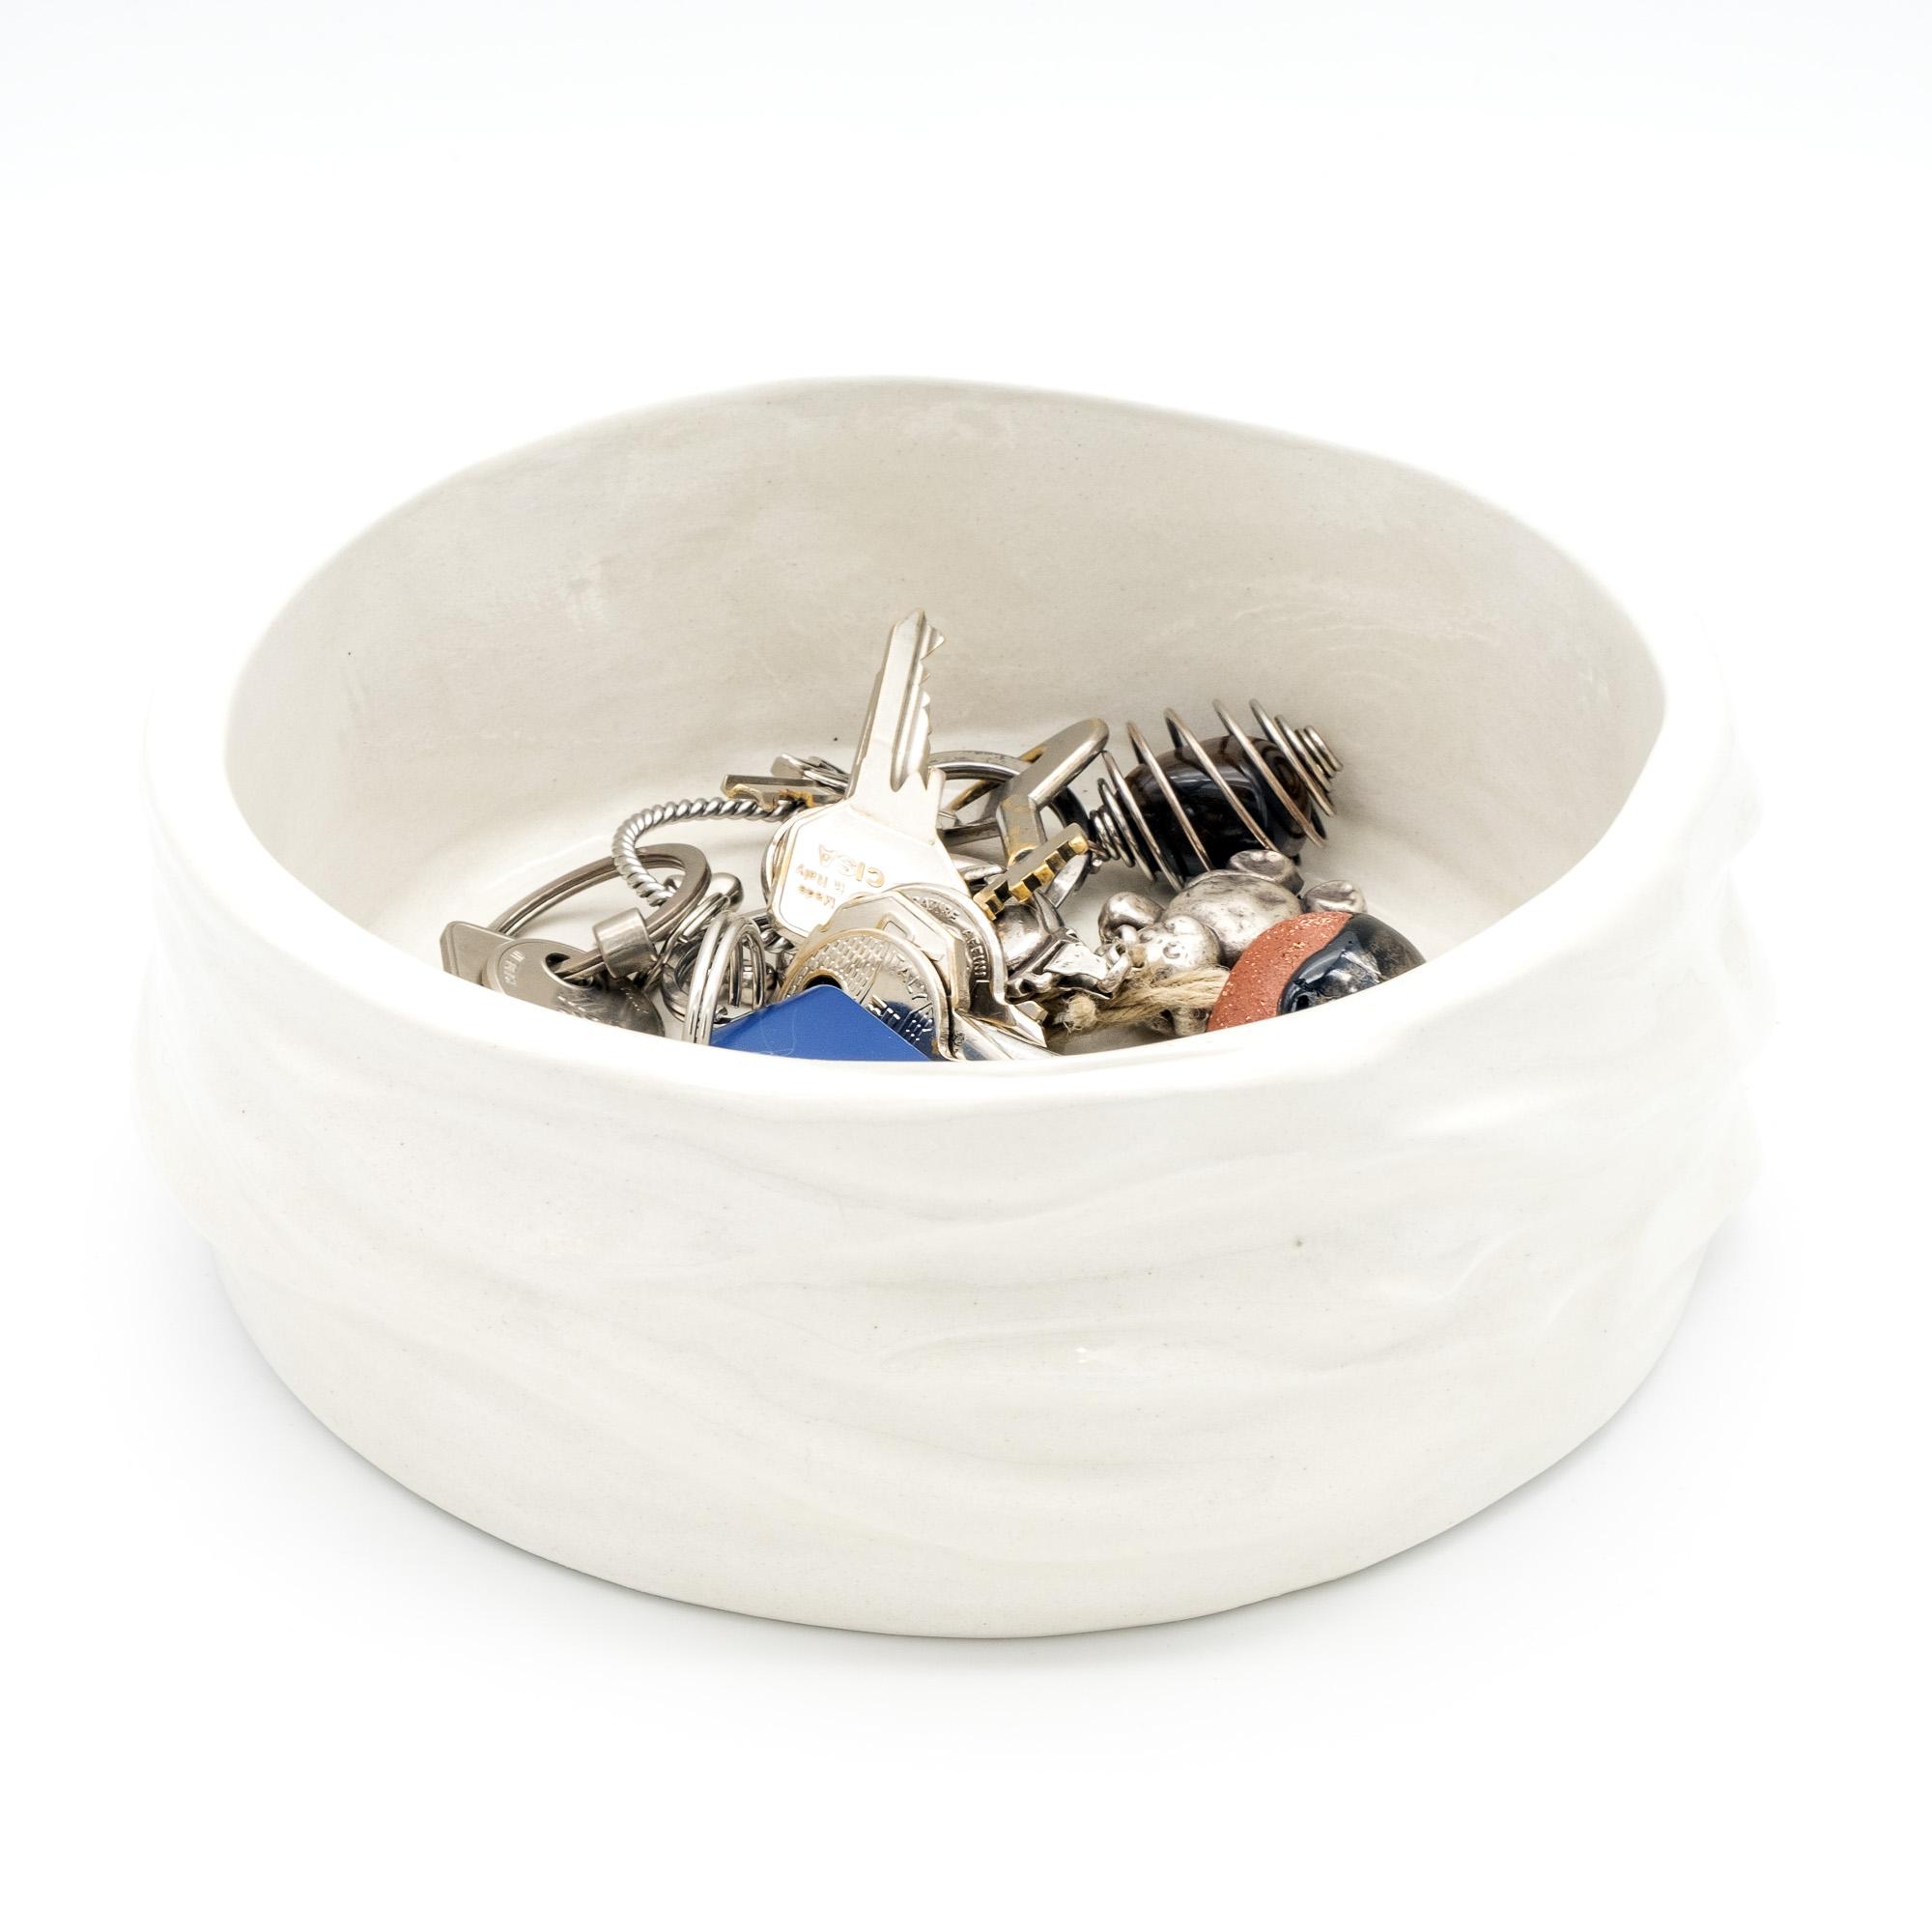 Oggetti da arredo - Stefania Mairano Creazioni in Ceramica